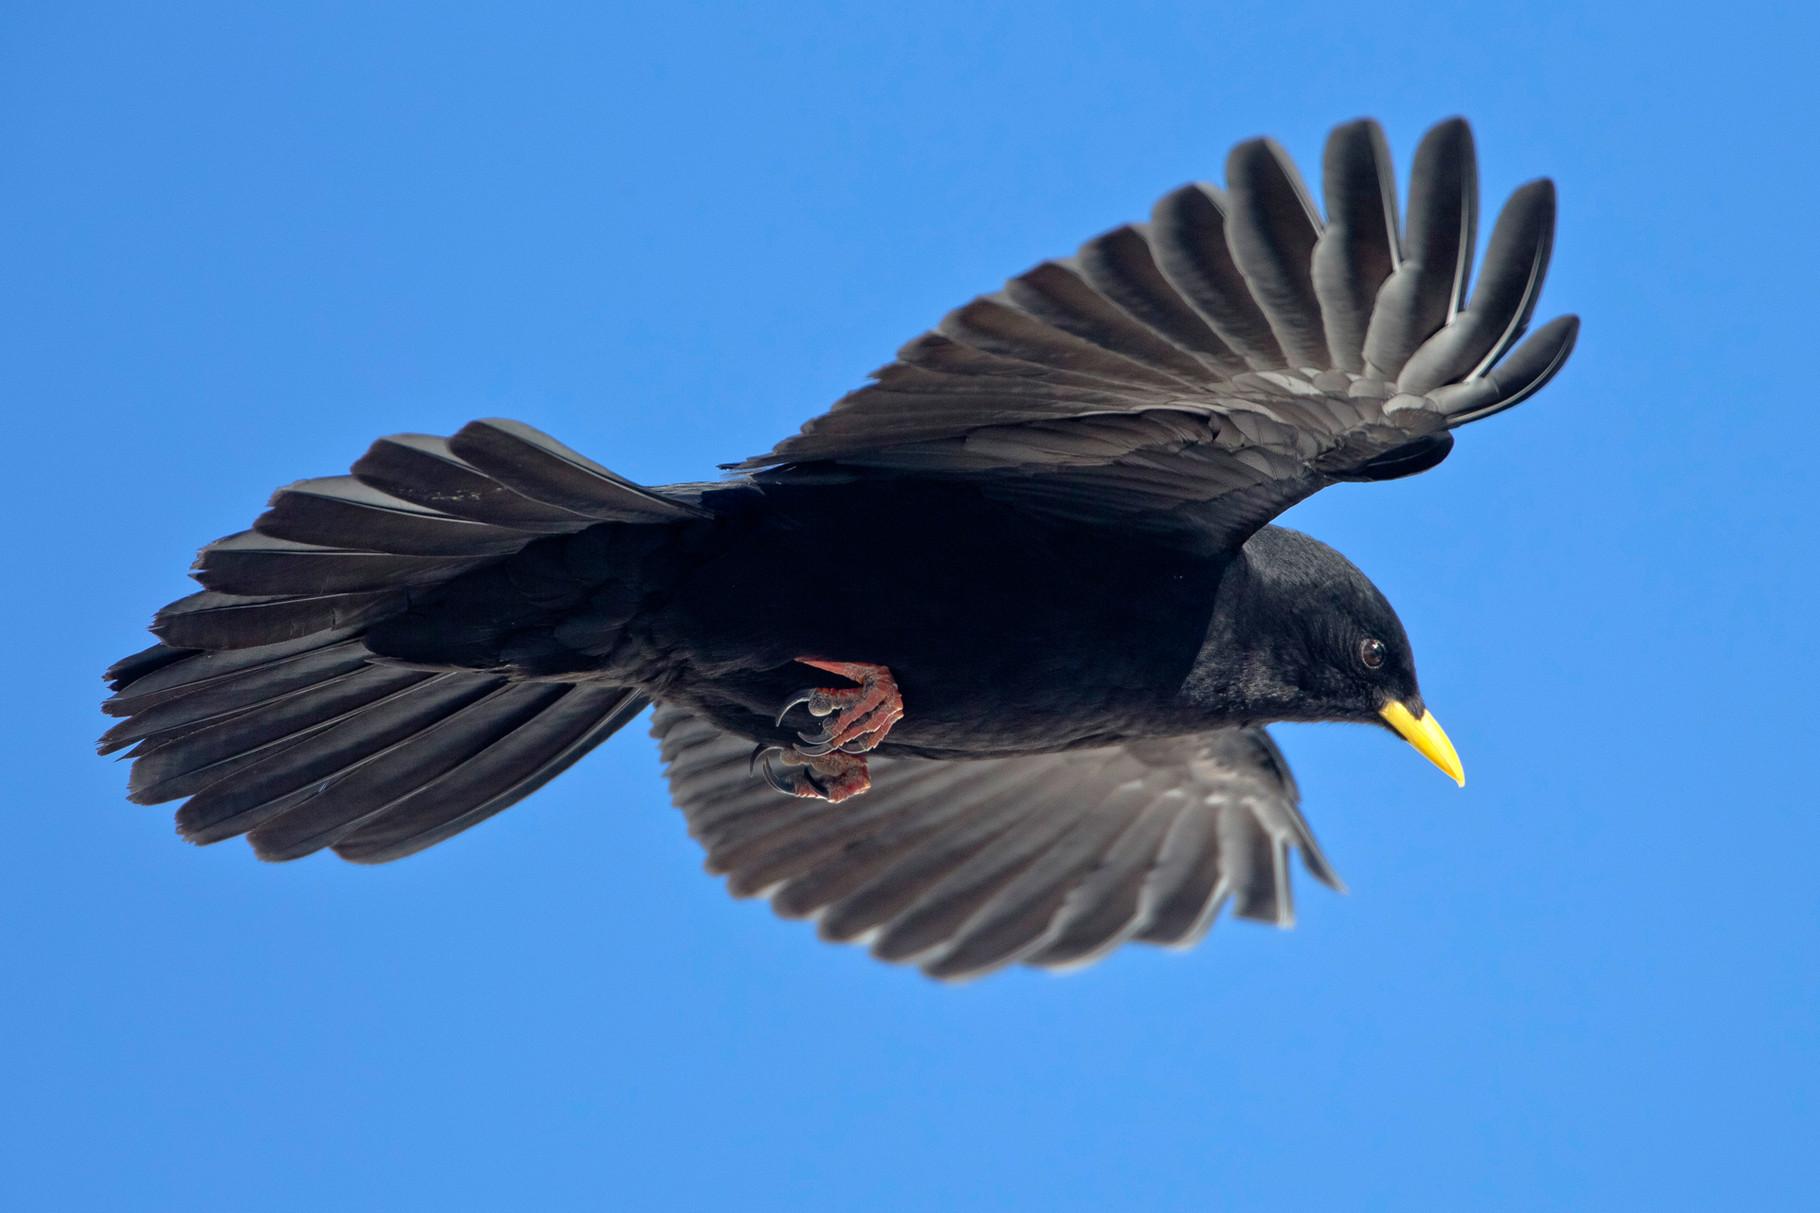 Anwesend sind auch viele Alpendohlen, die ihre akrobatischen Flugmanöver und Schwebeflüge zeigen.